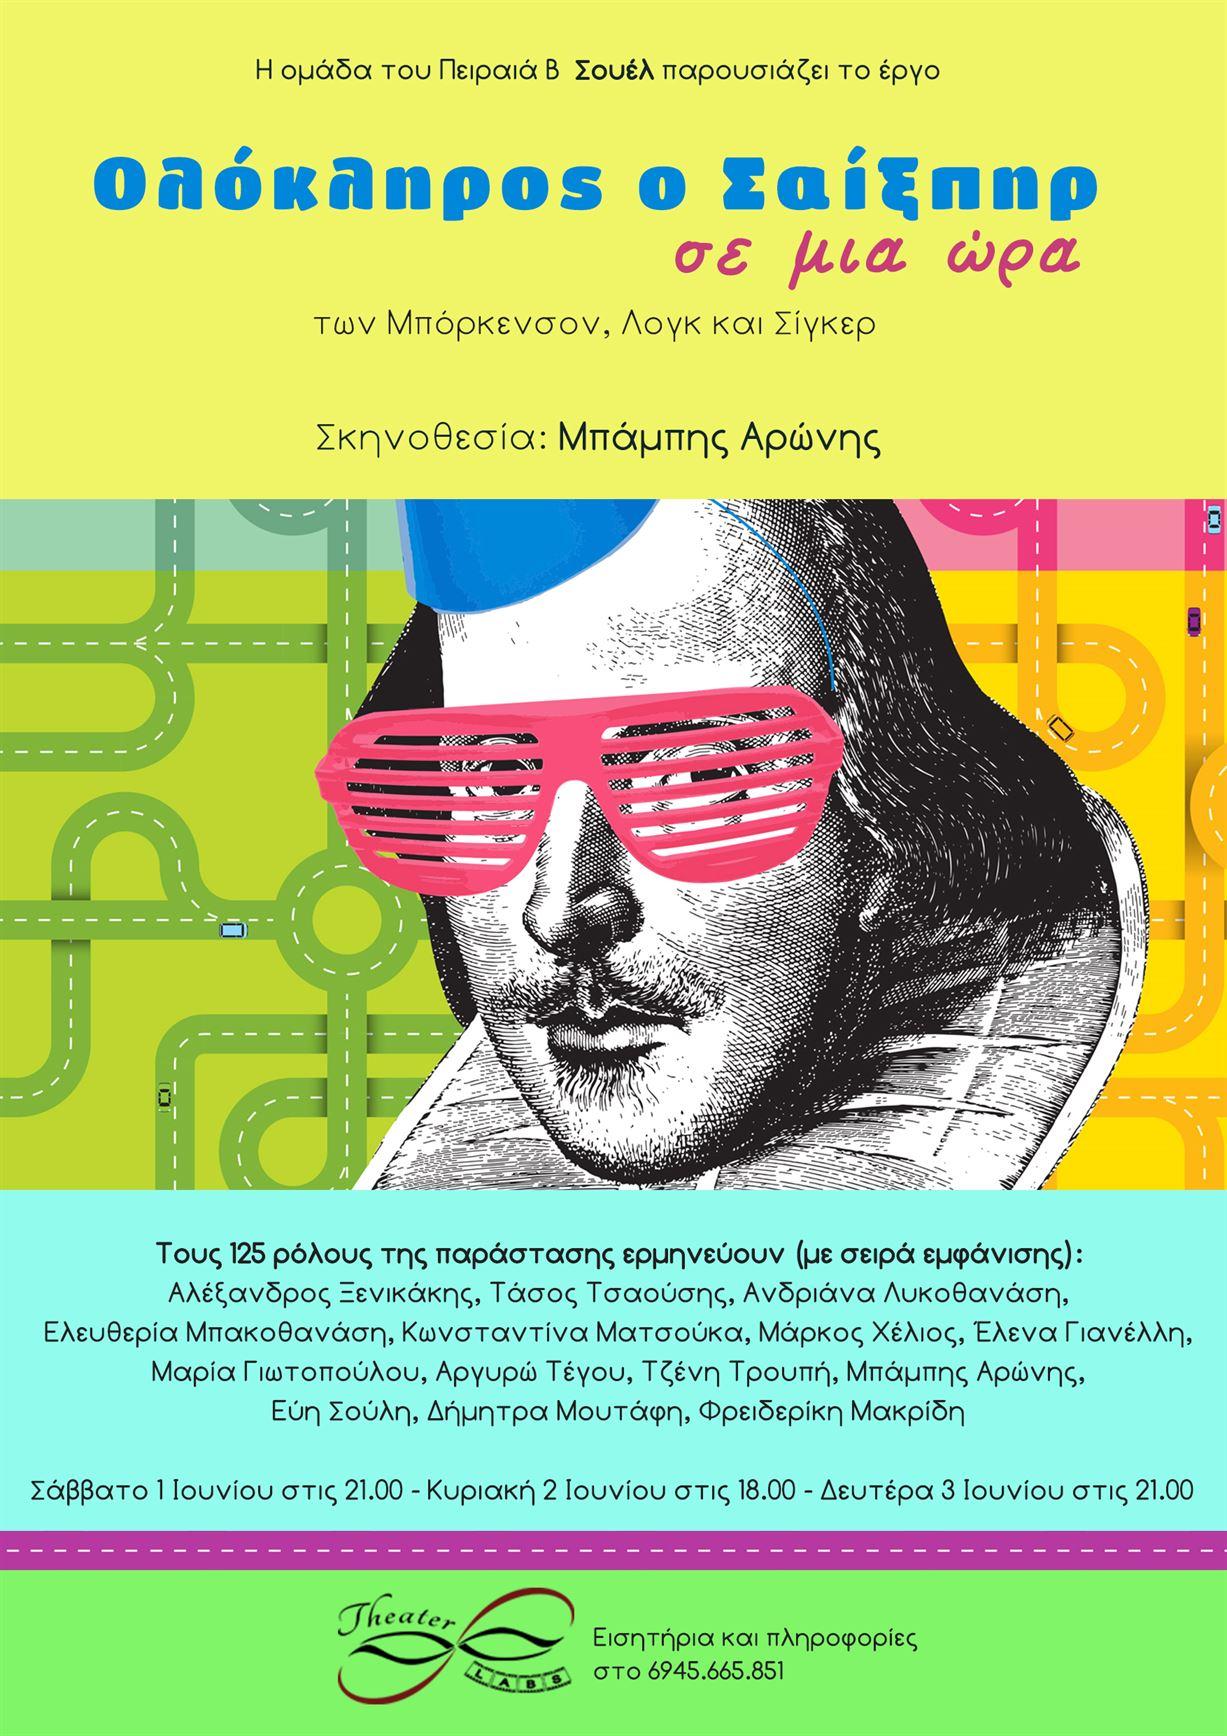 «Ολόκληρος ο Σαίξπηρ σε μια ώρα» των Μπόρκενσον, Λογκ και Σίγκερ